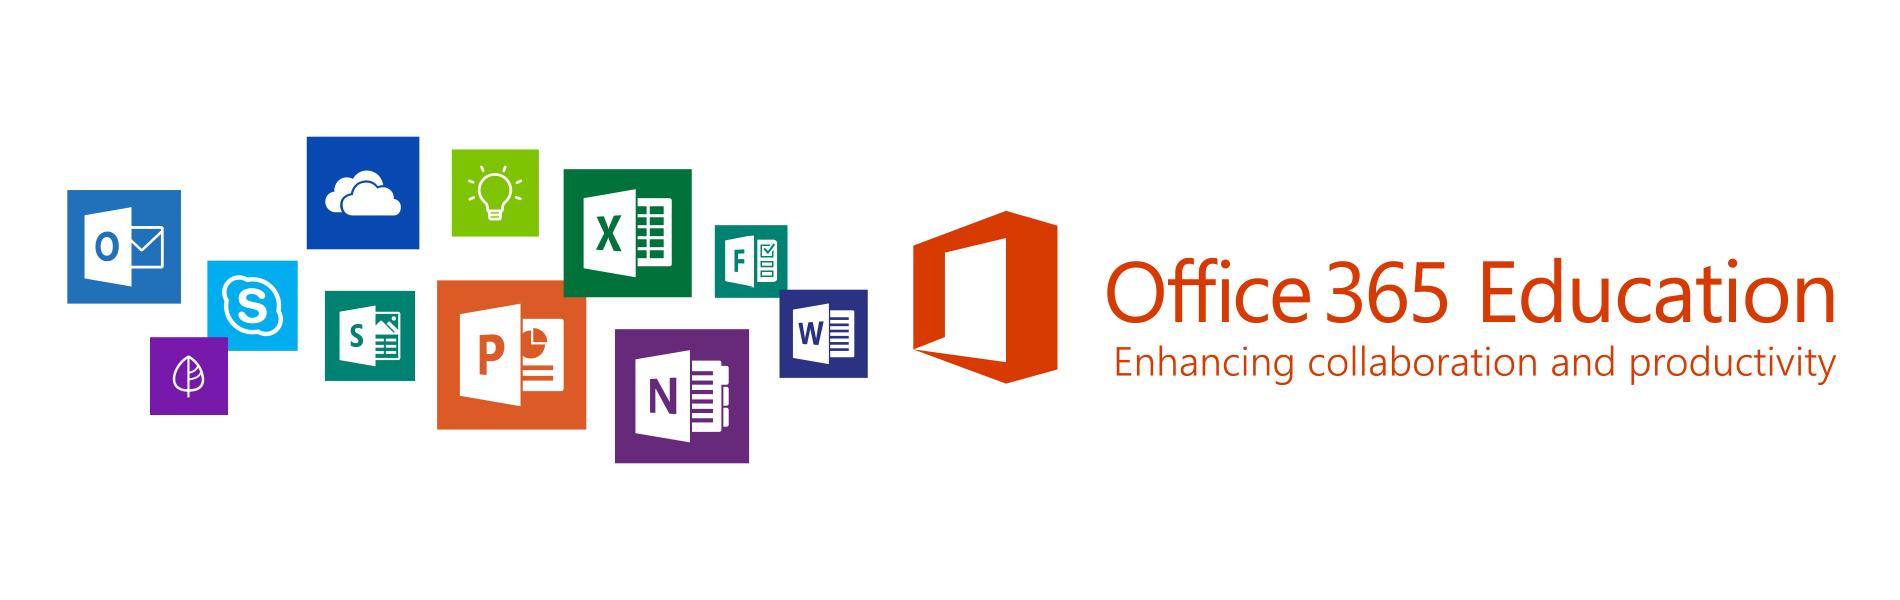 В Office 365 и другие продукты MS добавят режим голосового ввода-вывода для дислексиков - 1